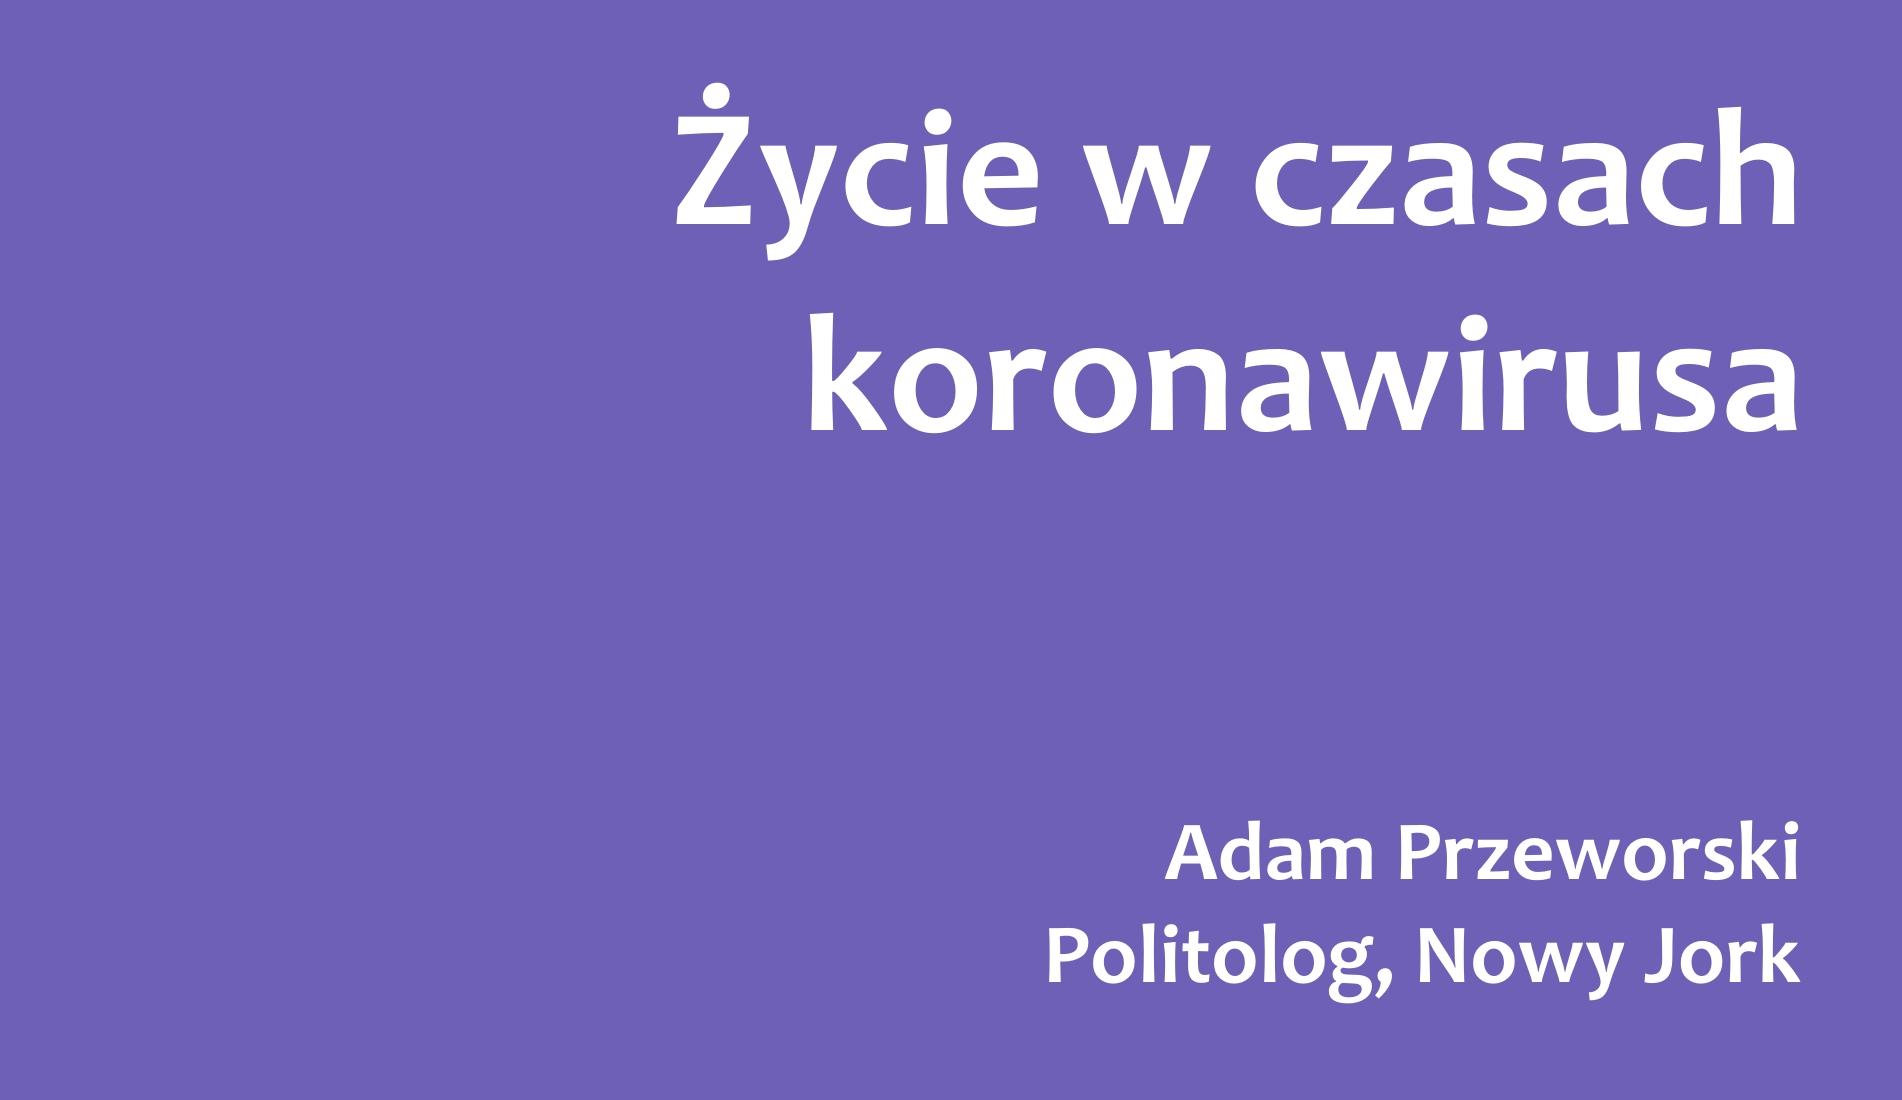 Concilium Civitas, Almanach 2020/2021, Przyszłość, Czas po COVID